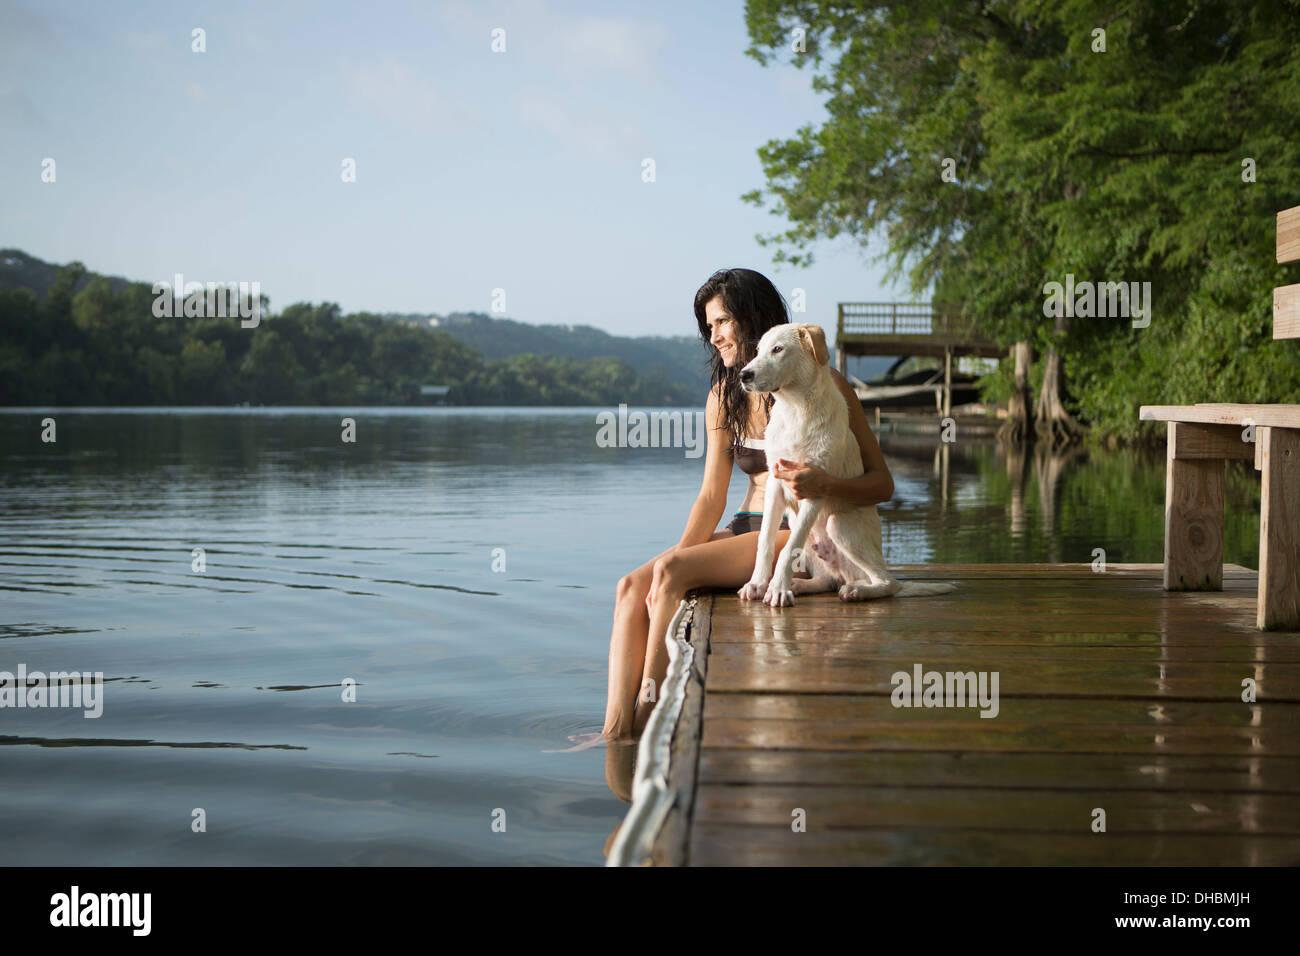 Eine Frau mit ihren Arm um einen kleinen weißen Hund auf einem Steg am See. Stockbild